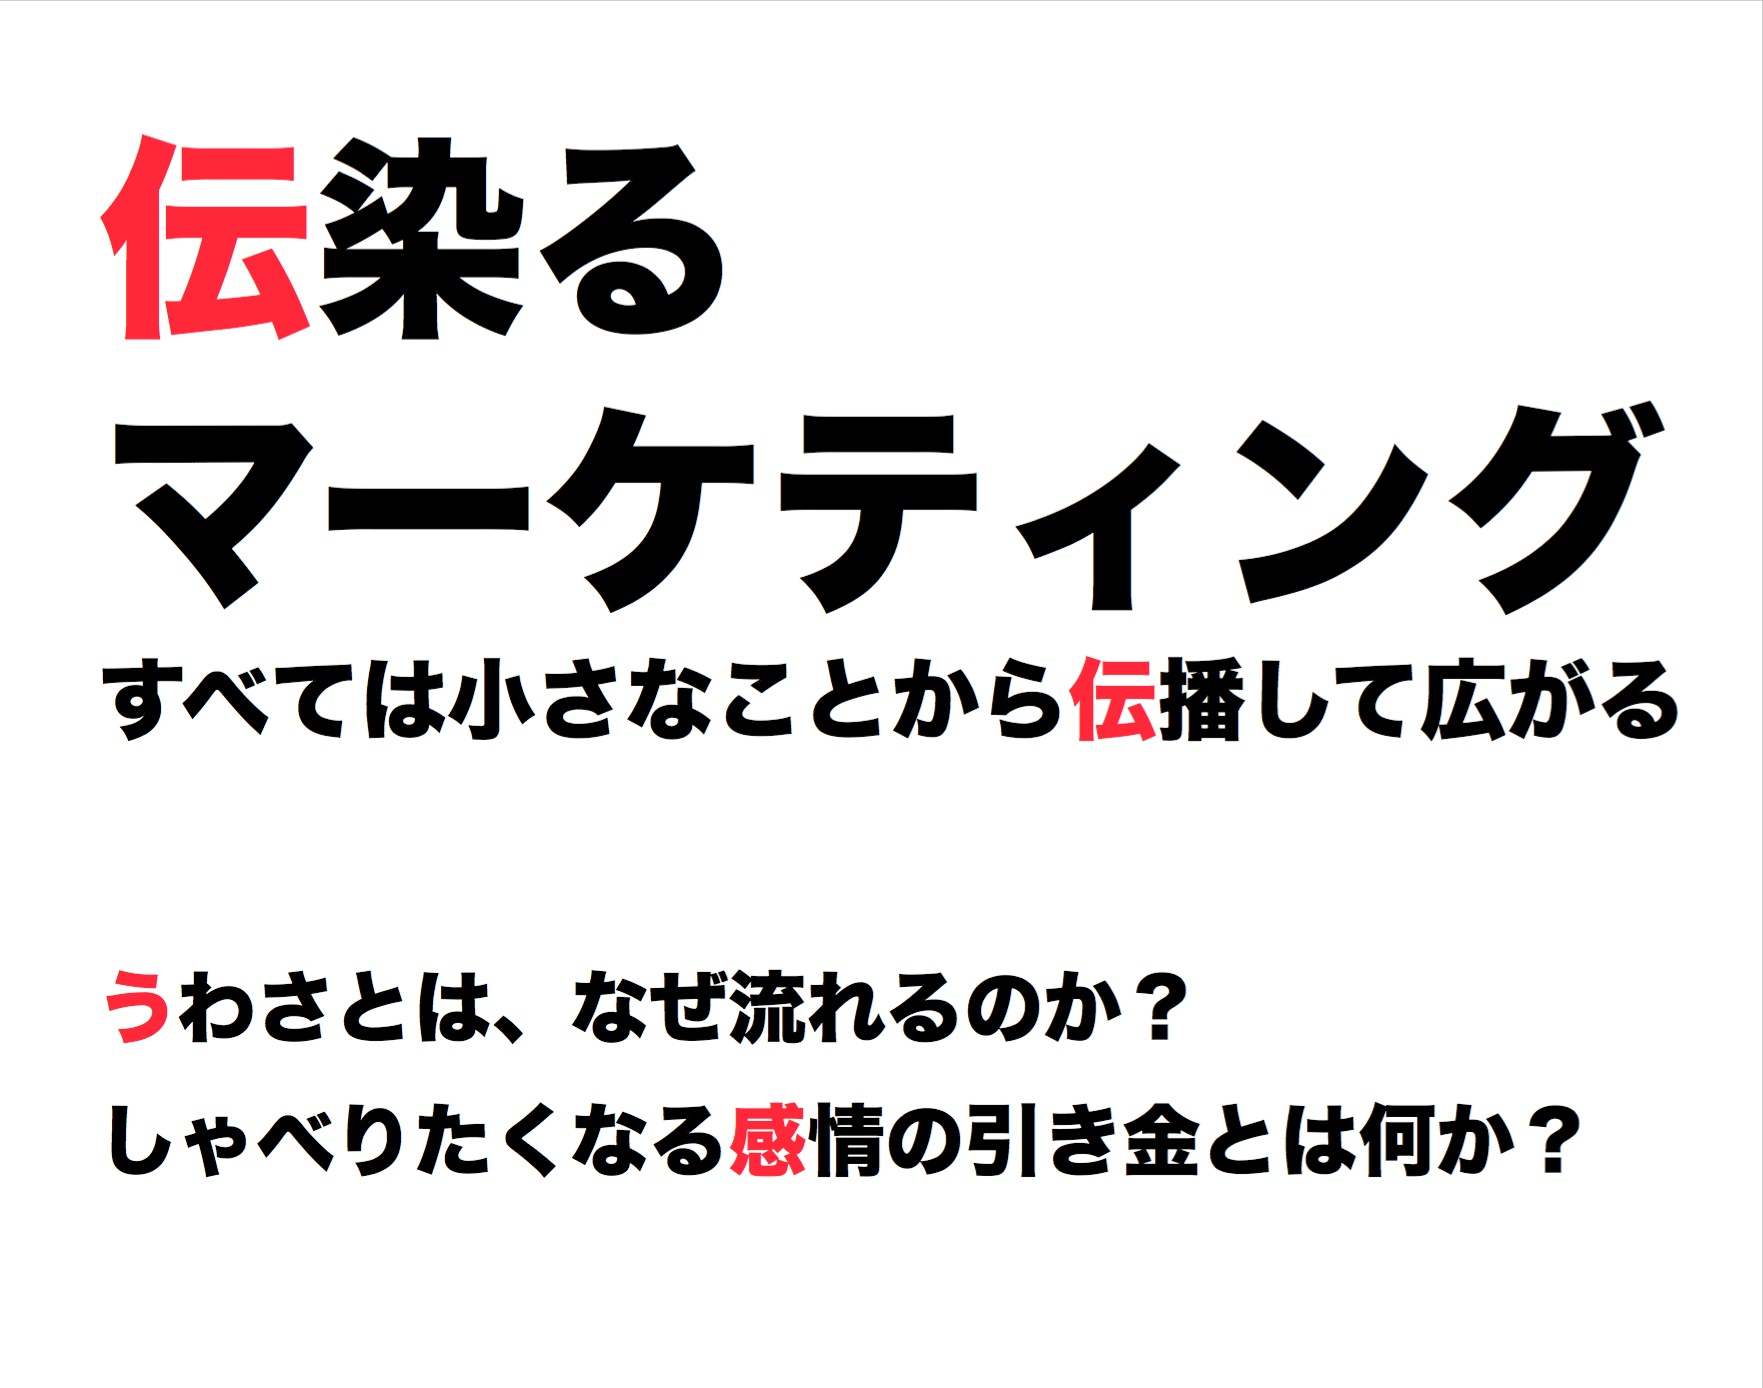 2011年7月ビジネスサークル『うつる』〜伝染るマーケティング、すべては、小さなことから伝播して広がる。〜